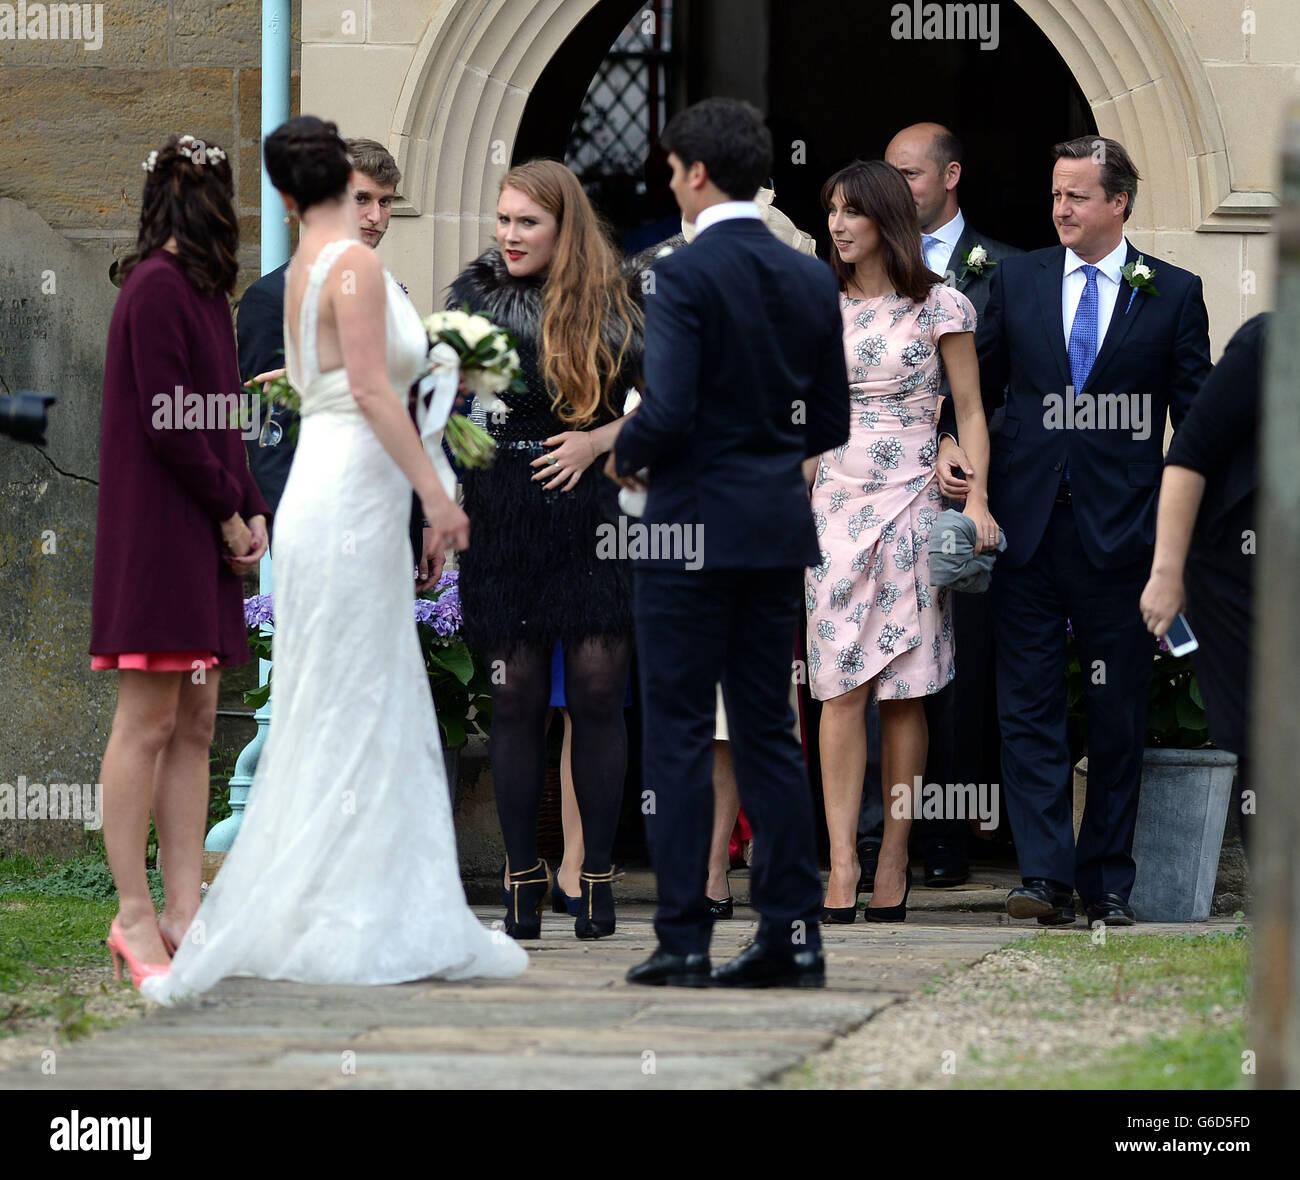 Alice Sheffield wedding - Stock Image